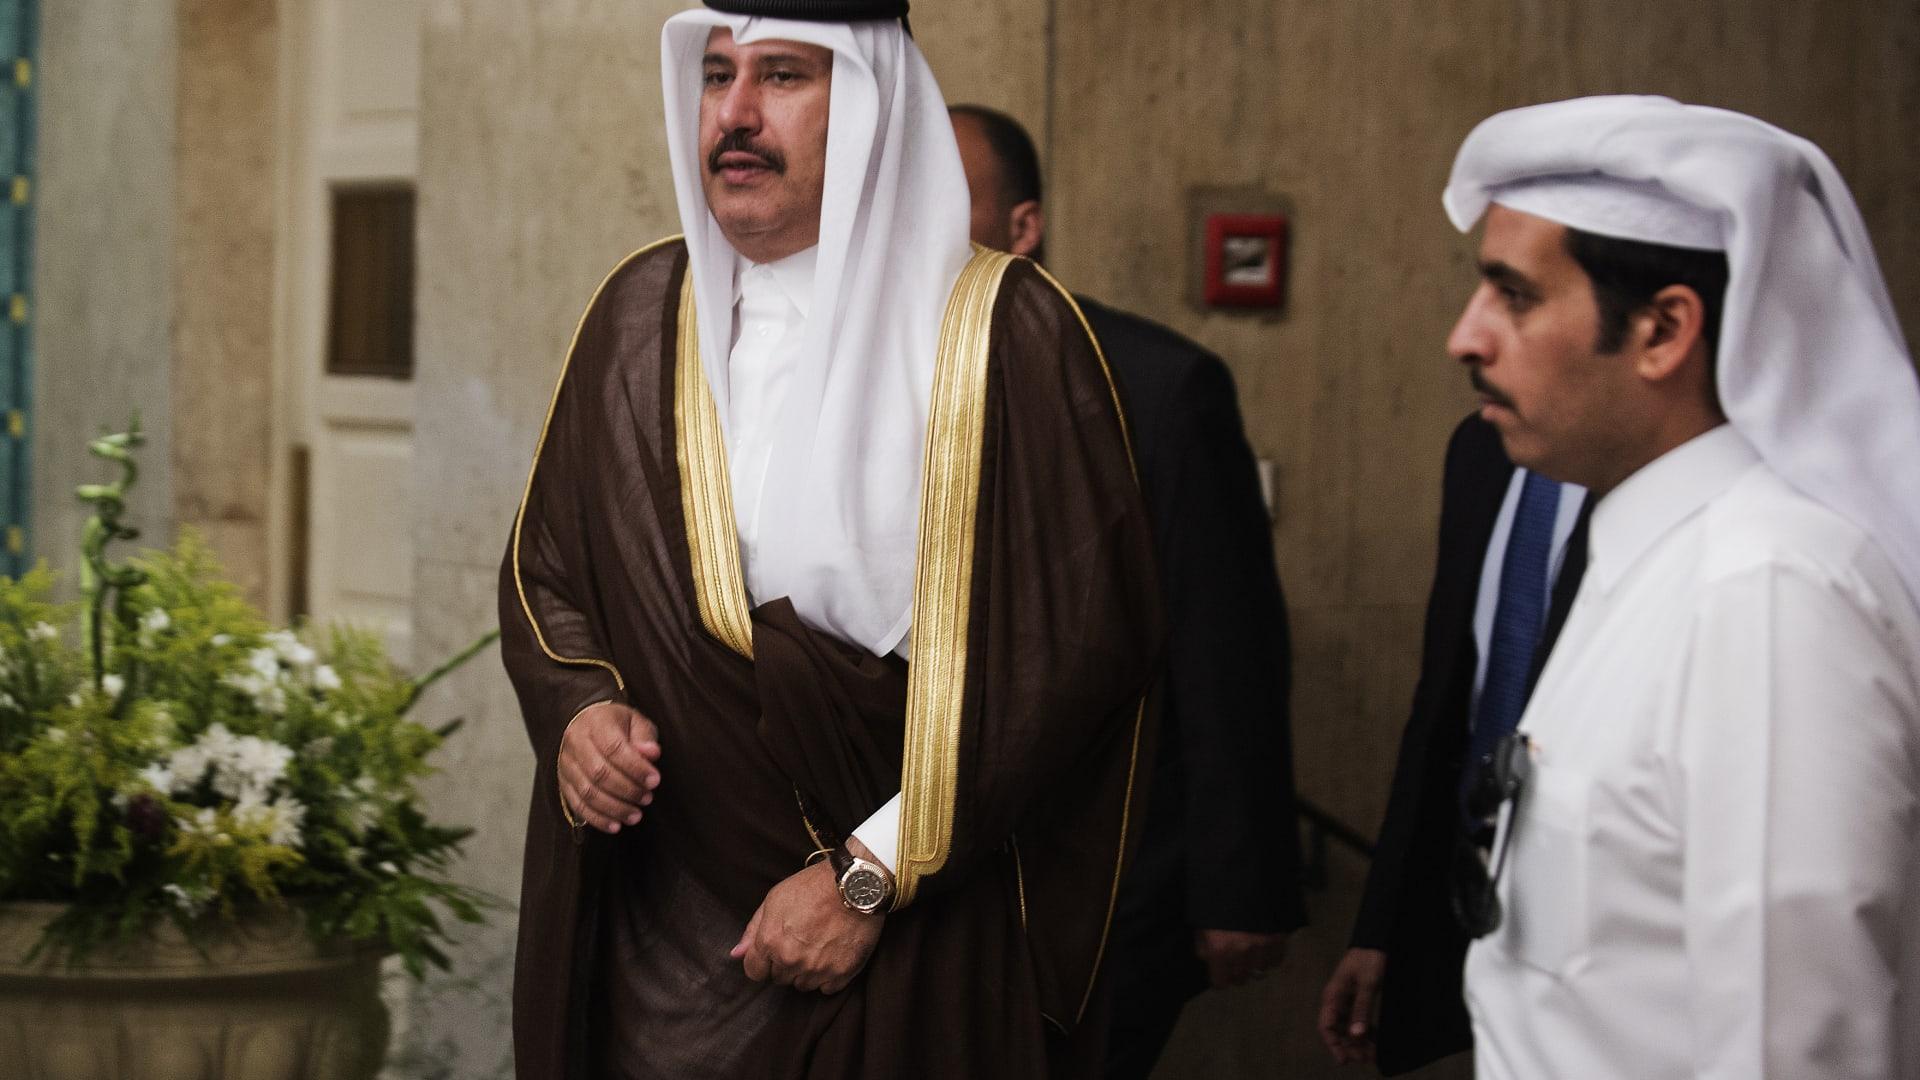 صورة أرشيفية للشيخ حمد بن جاسم رئيس وزراء قطر الأسبق